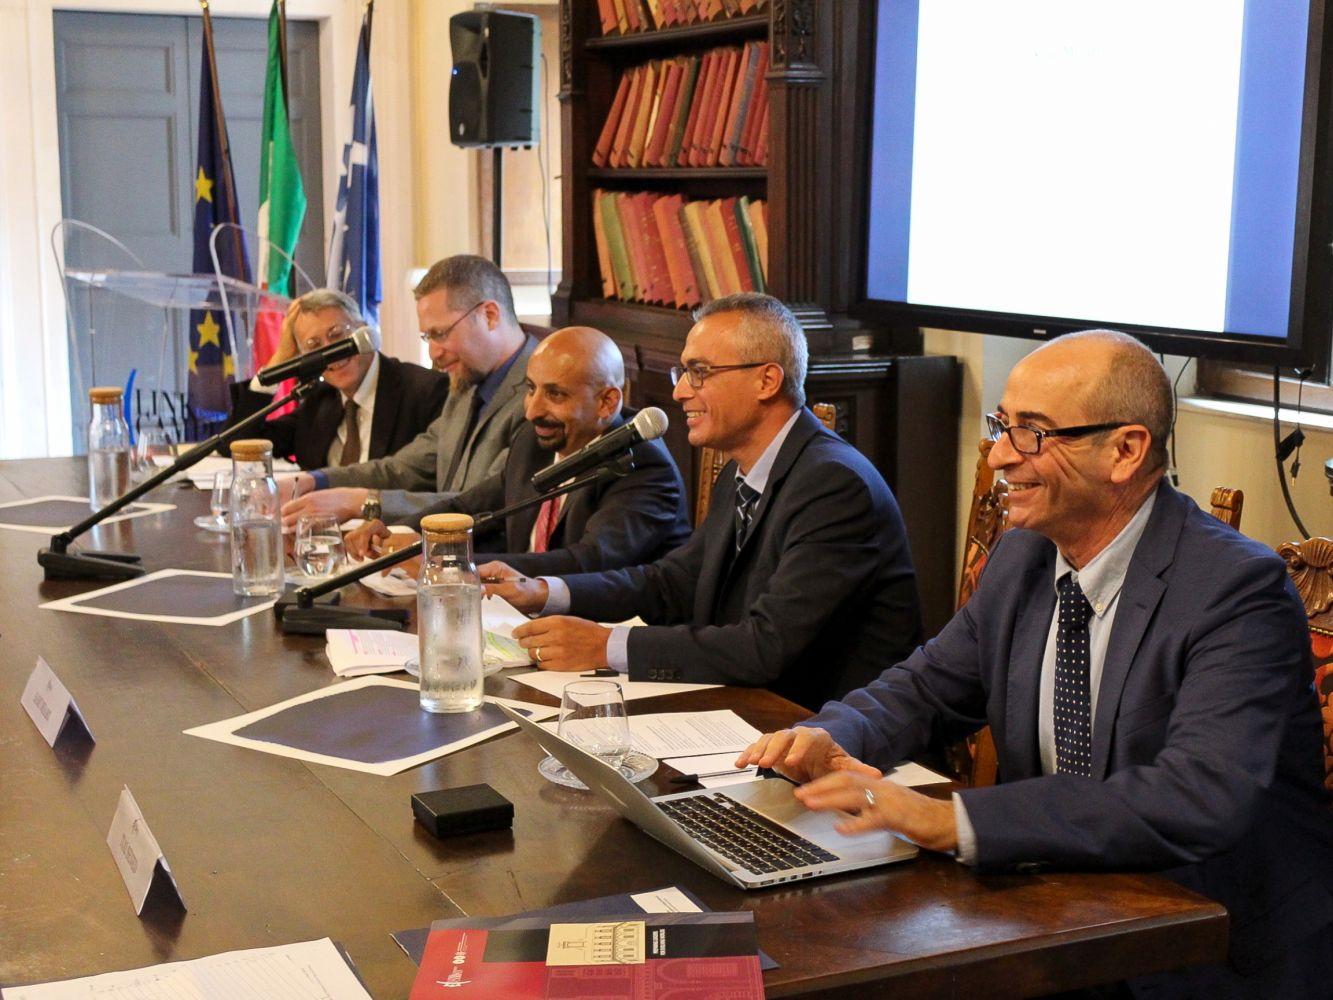 BMI Conference, Rome, 2019, 5